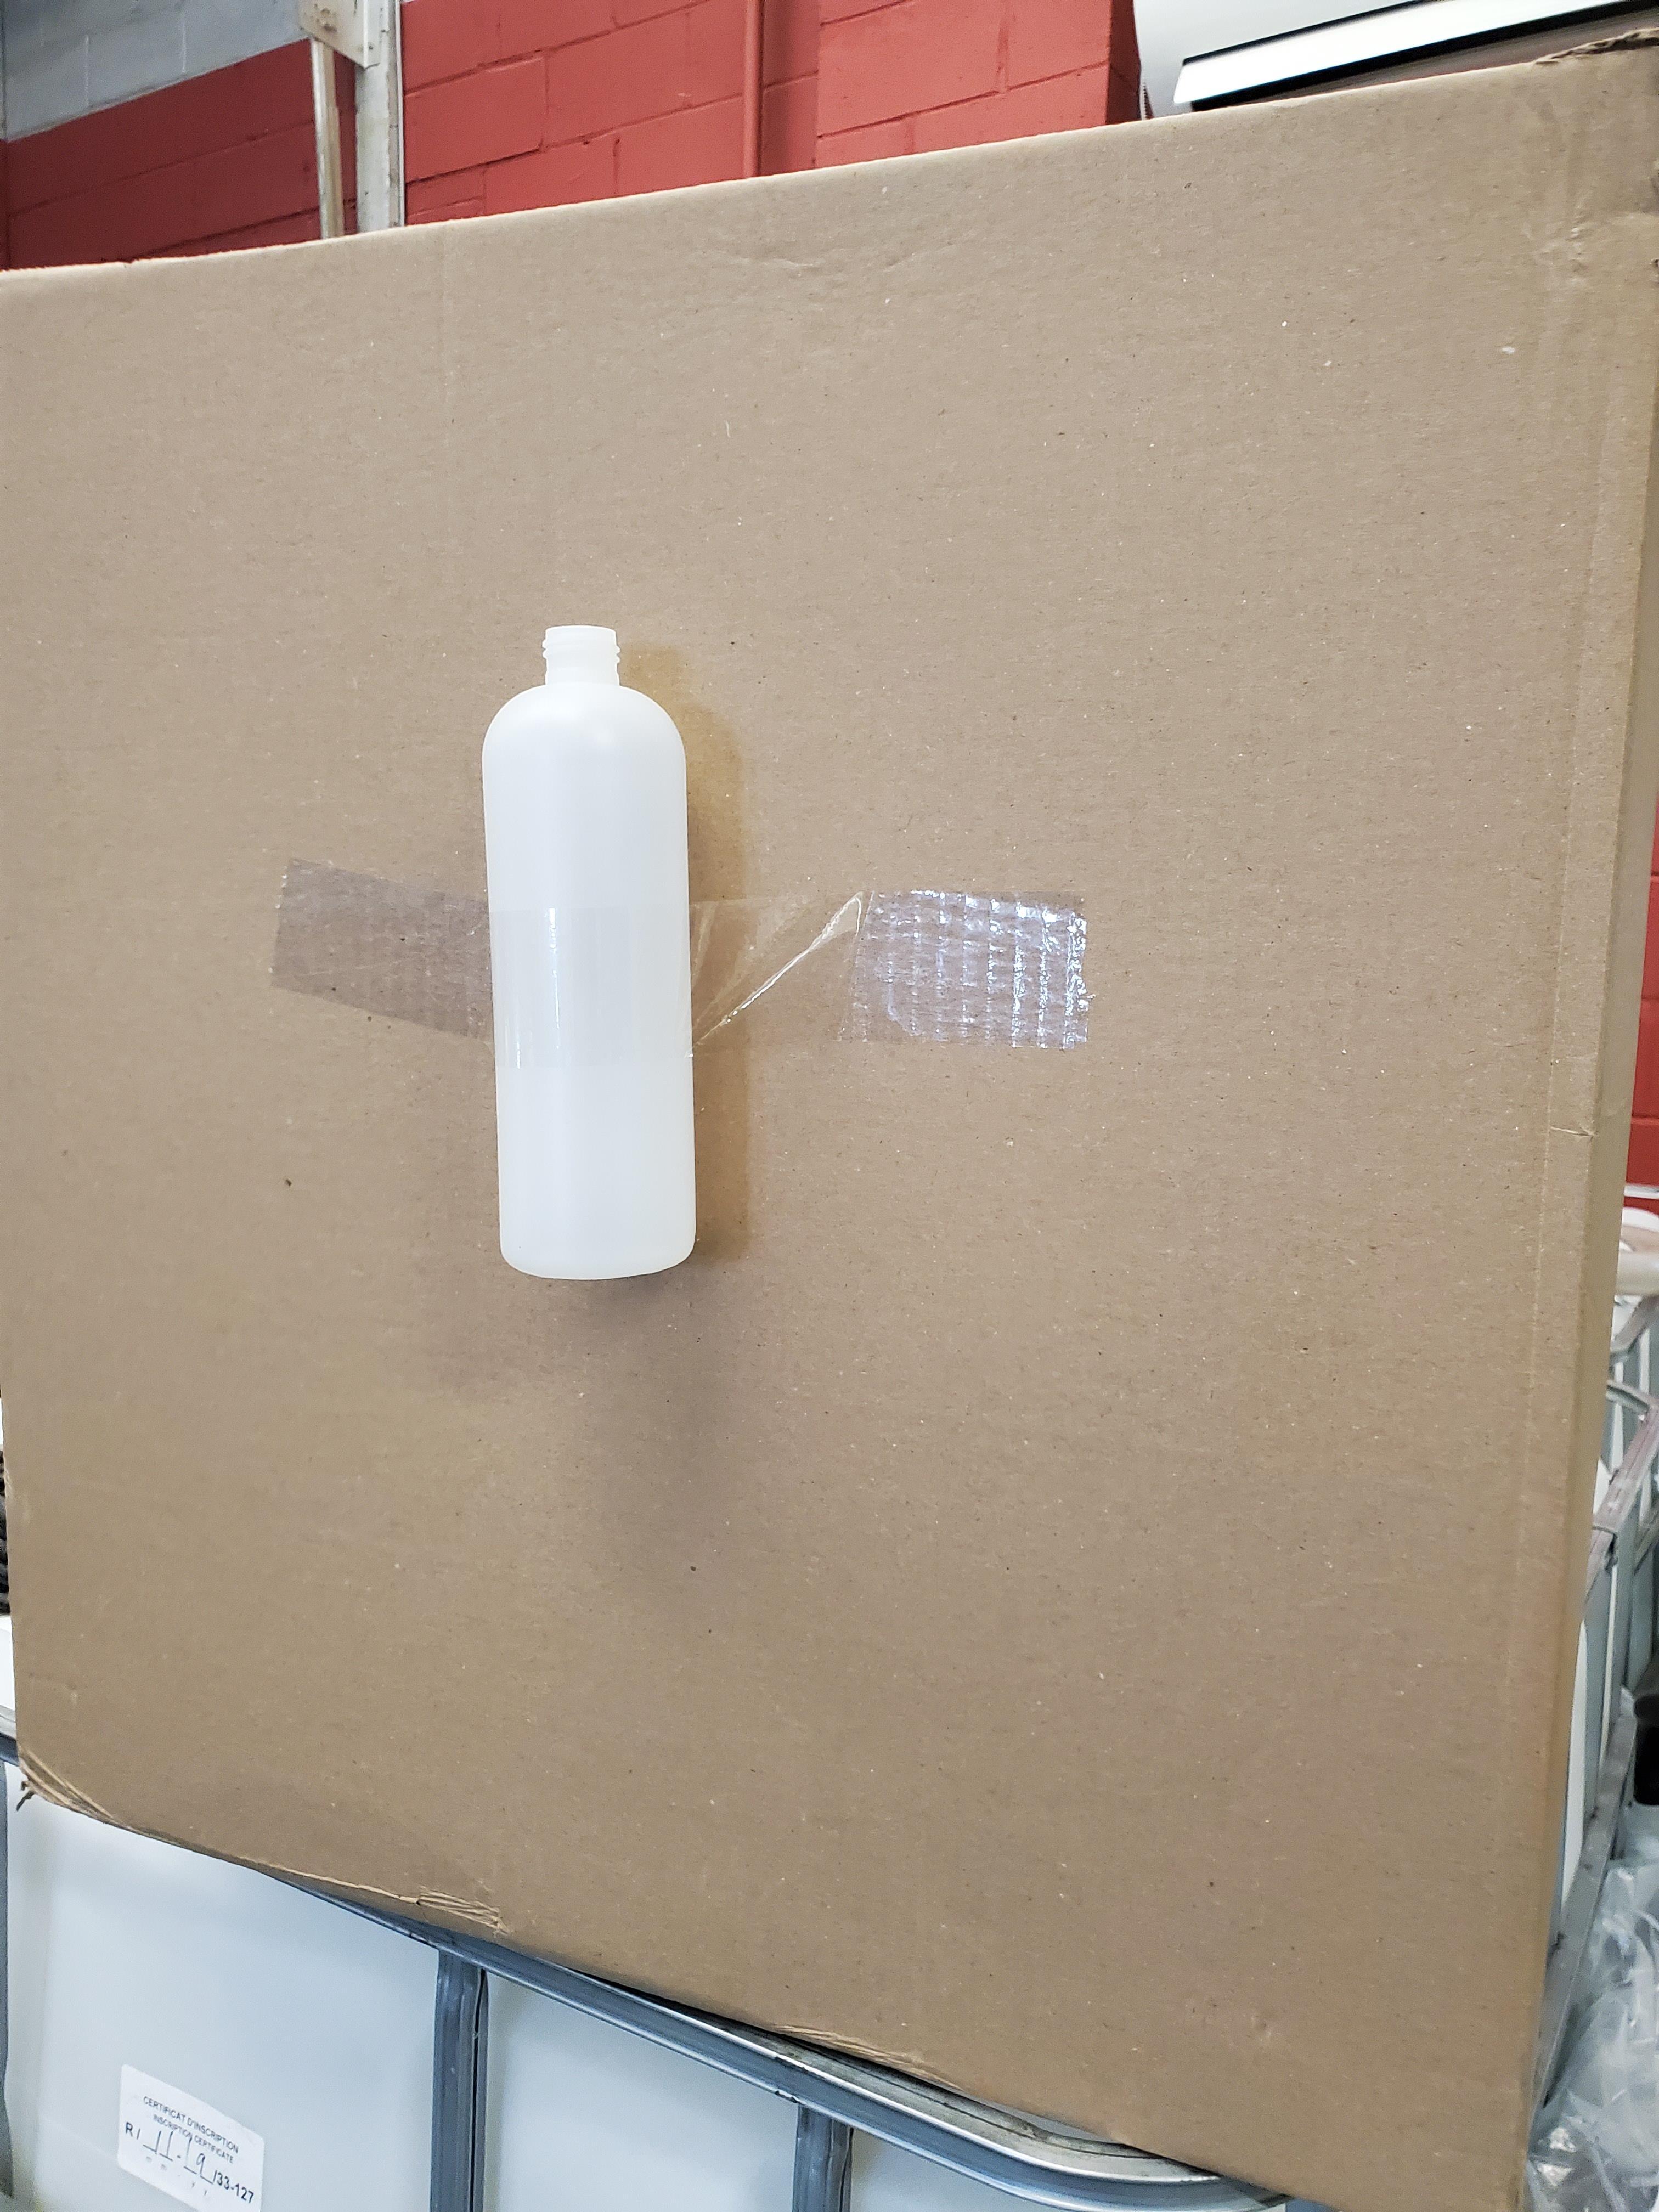 25,000 HDPE Bottles, NATURAL, NEW, 24/410 Neck, 16oz Boston Round